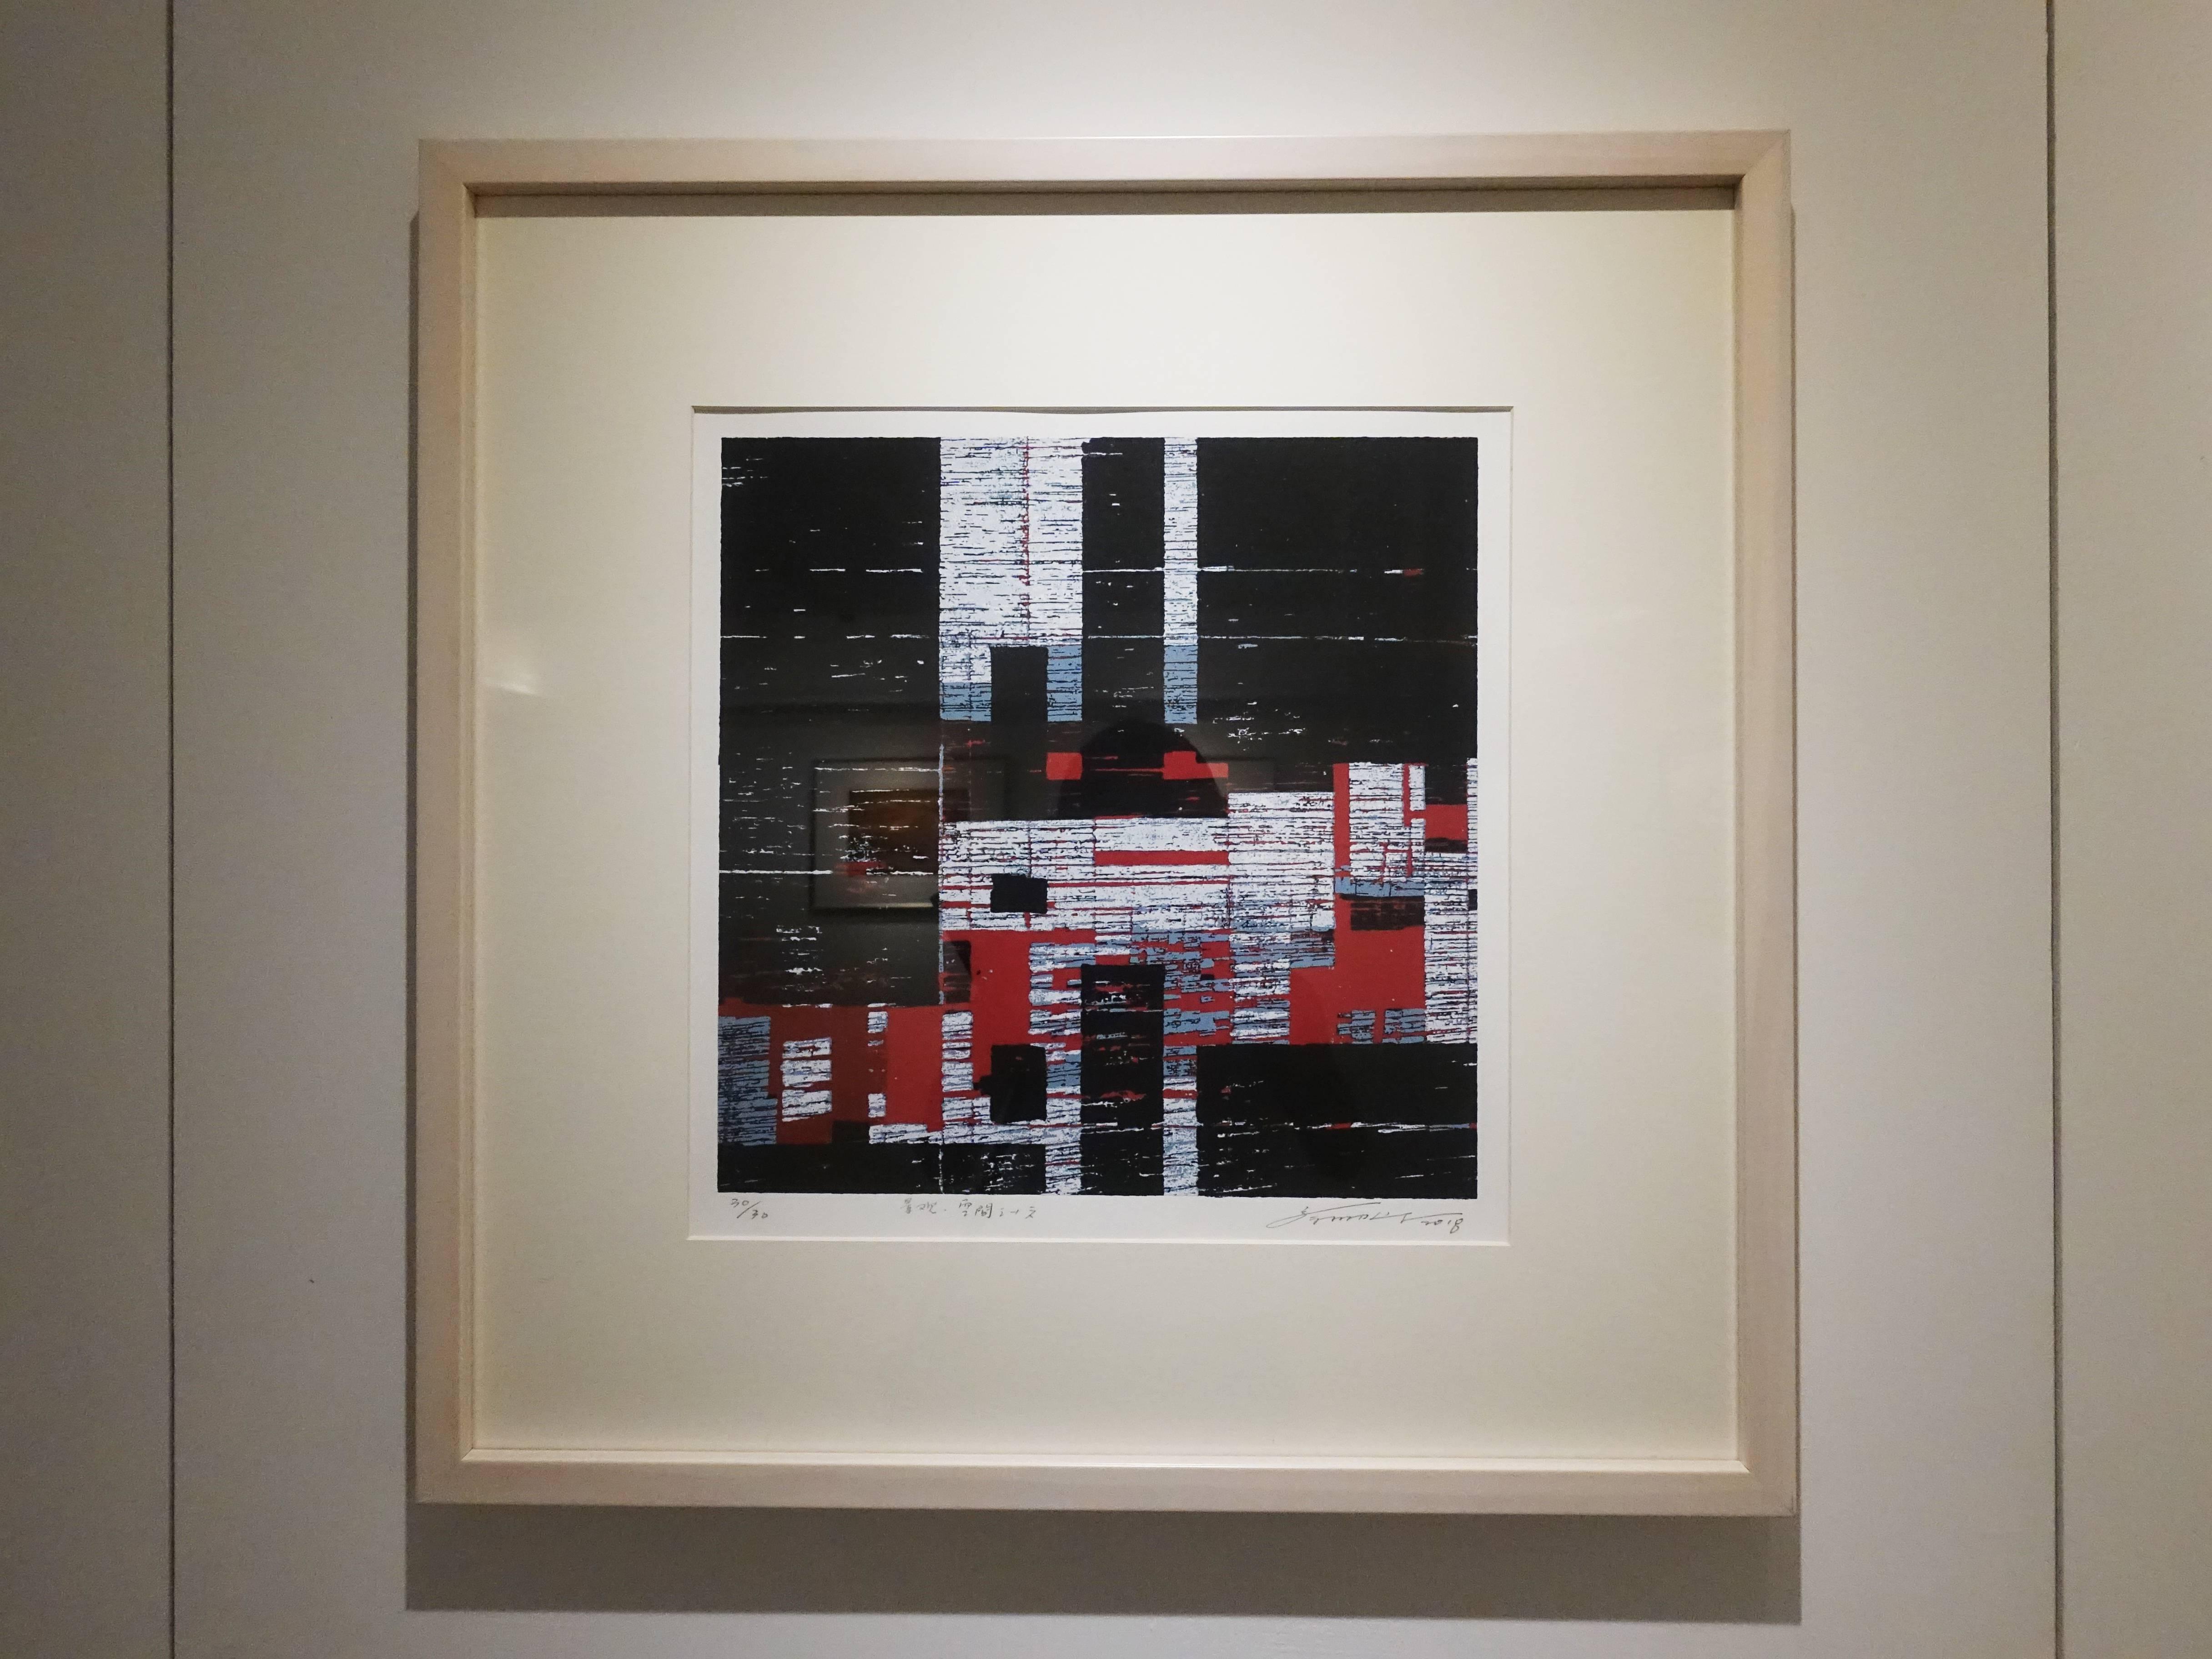 徐明豐,《景觀 空間之十六》,50 x 50 cm,絹印版畫,2018。